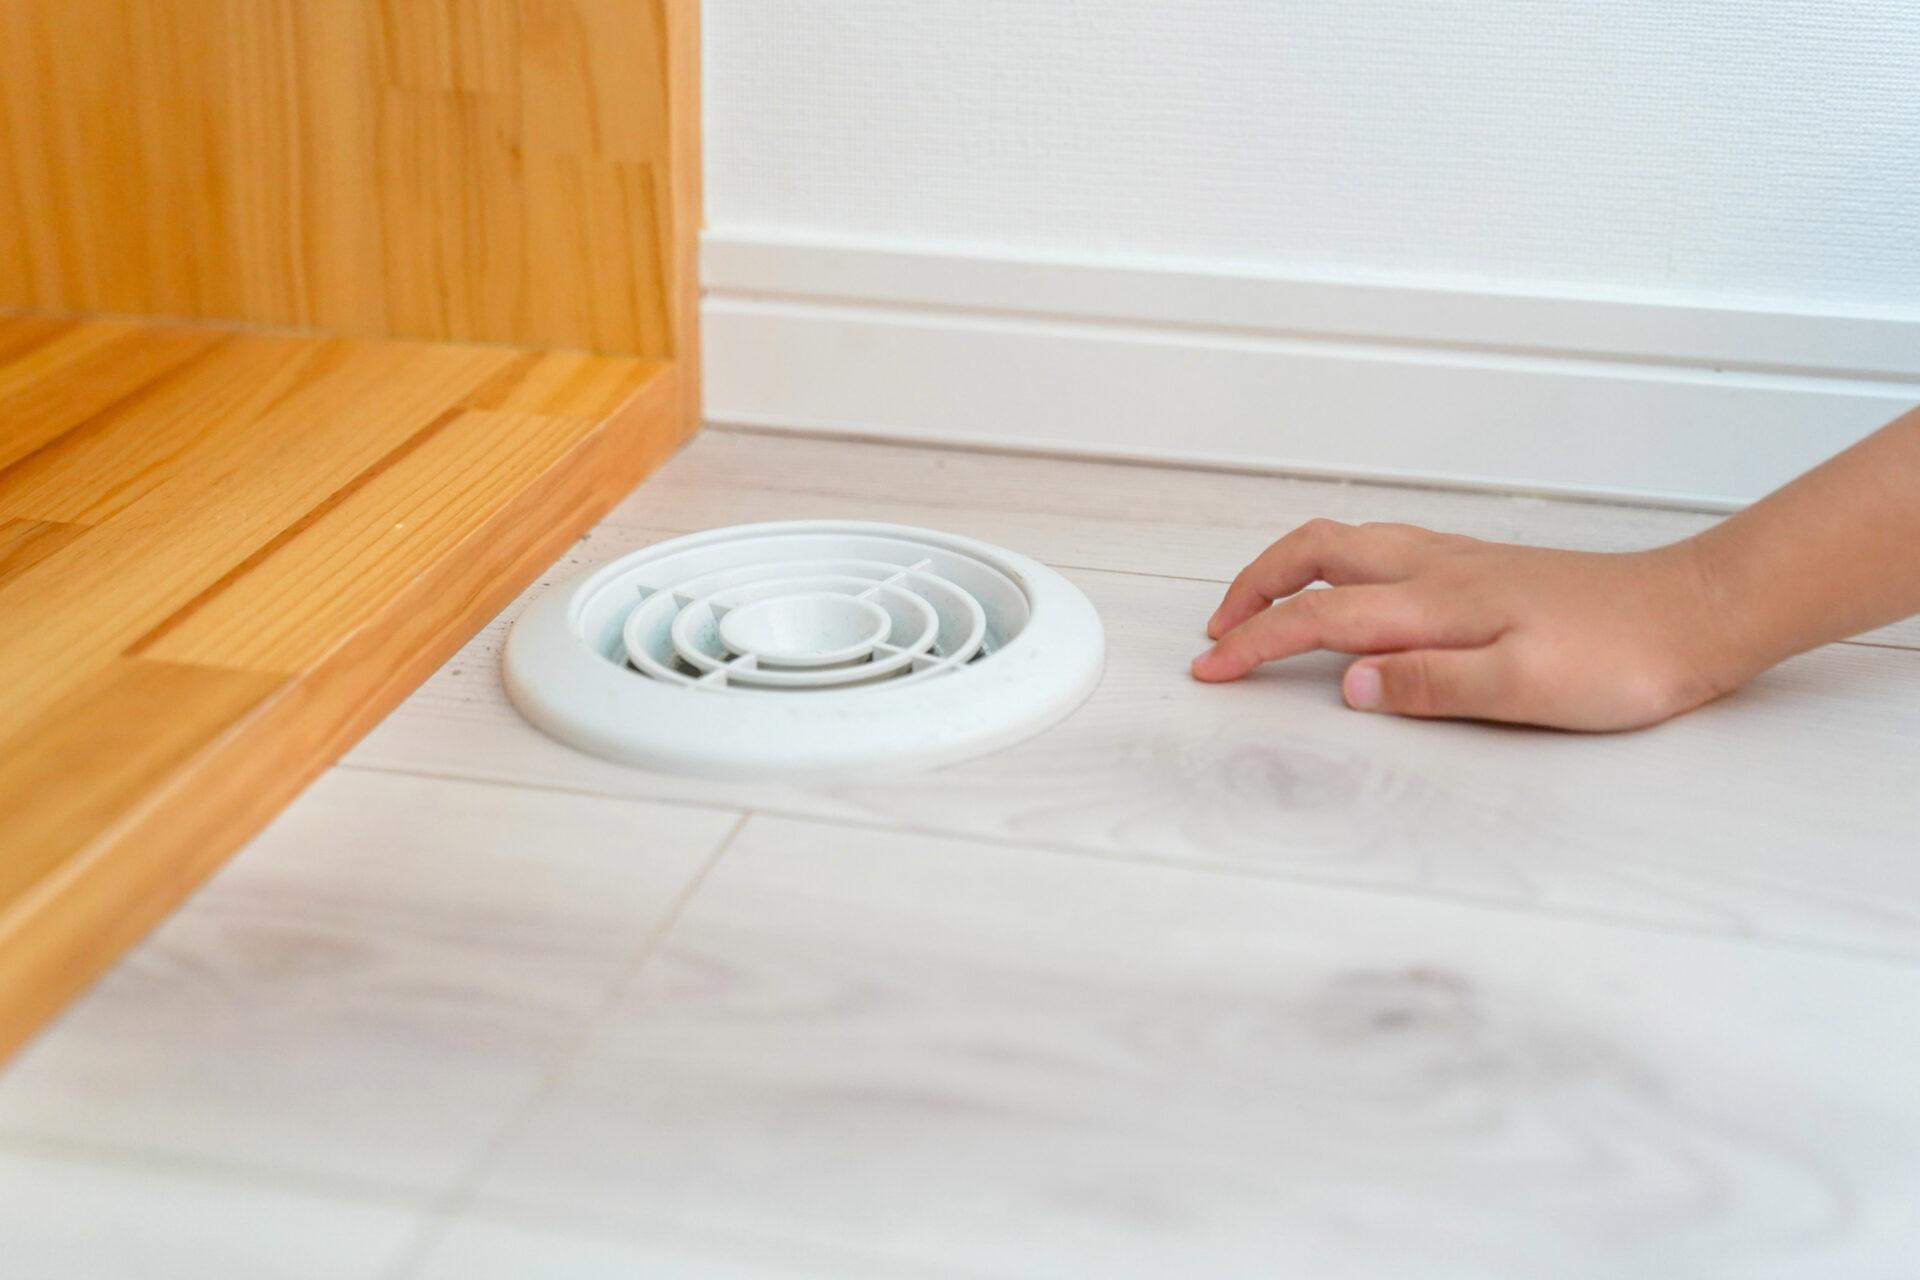 効率の良い換気の仕組みとして、床に汚れた空気を排出できる換気口がついている。